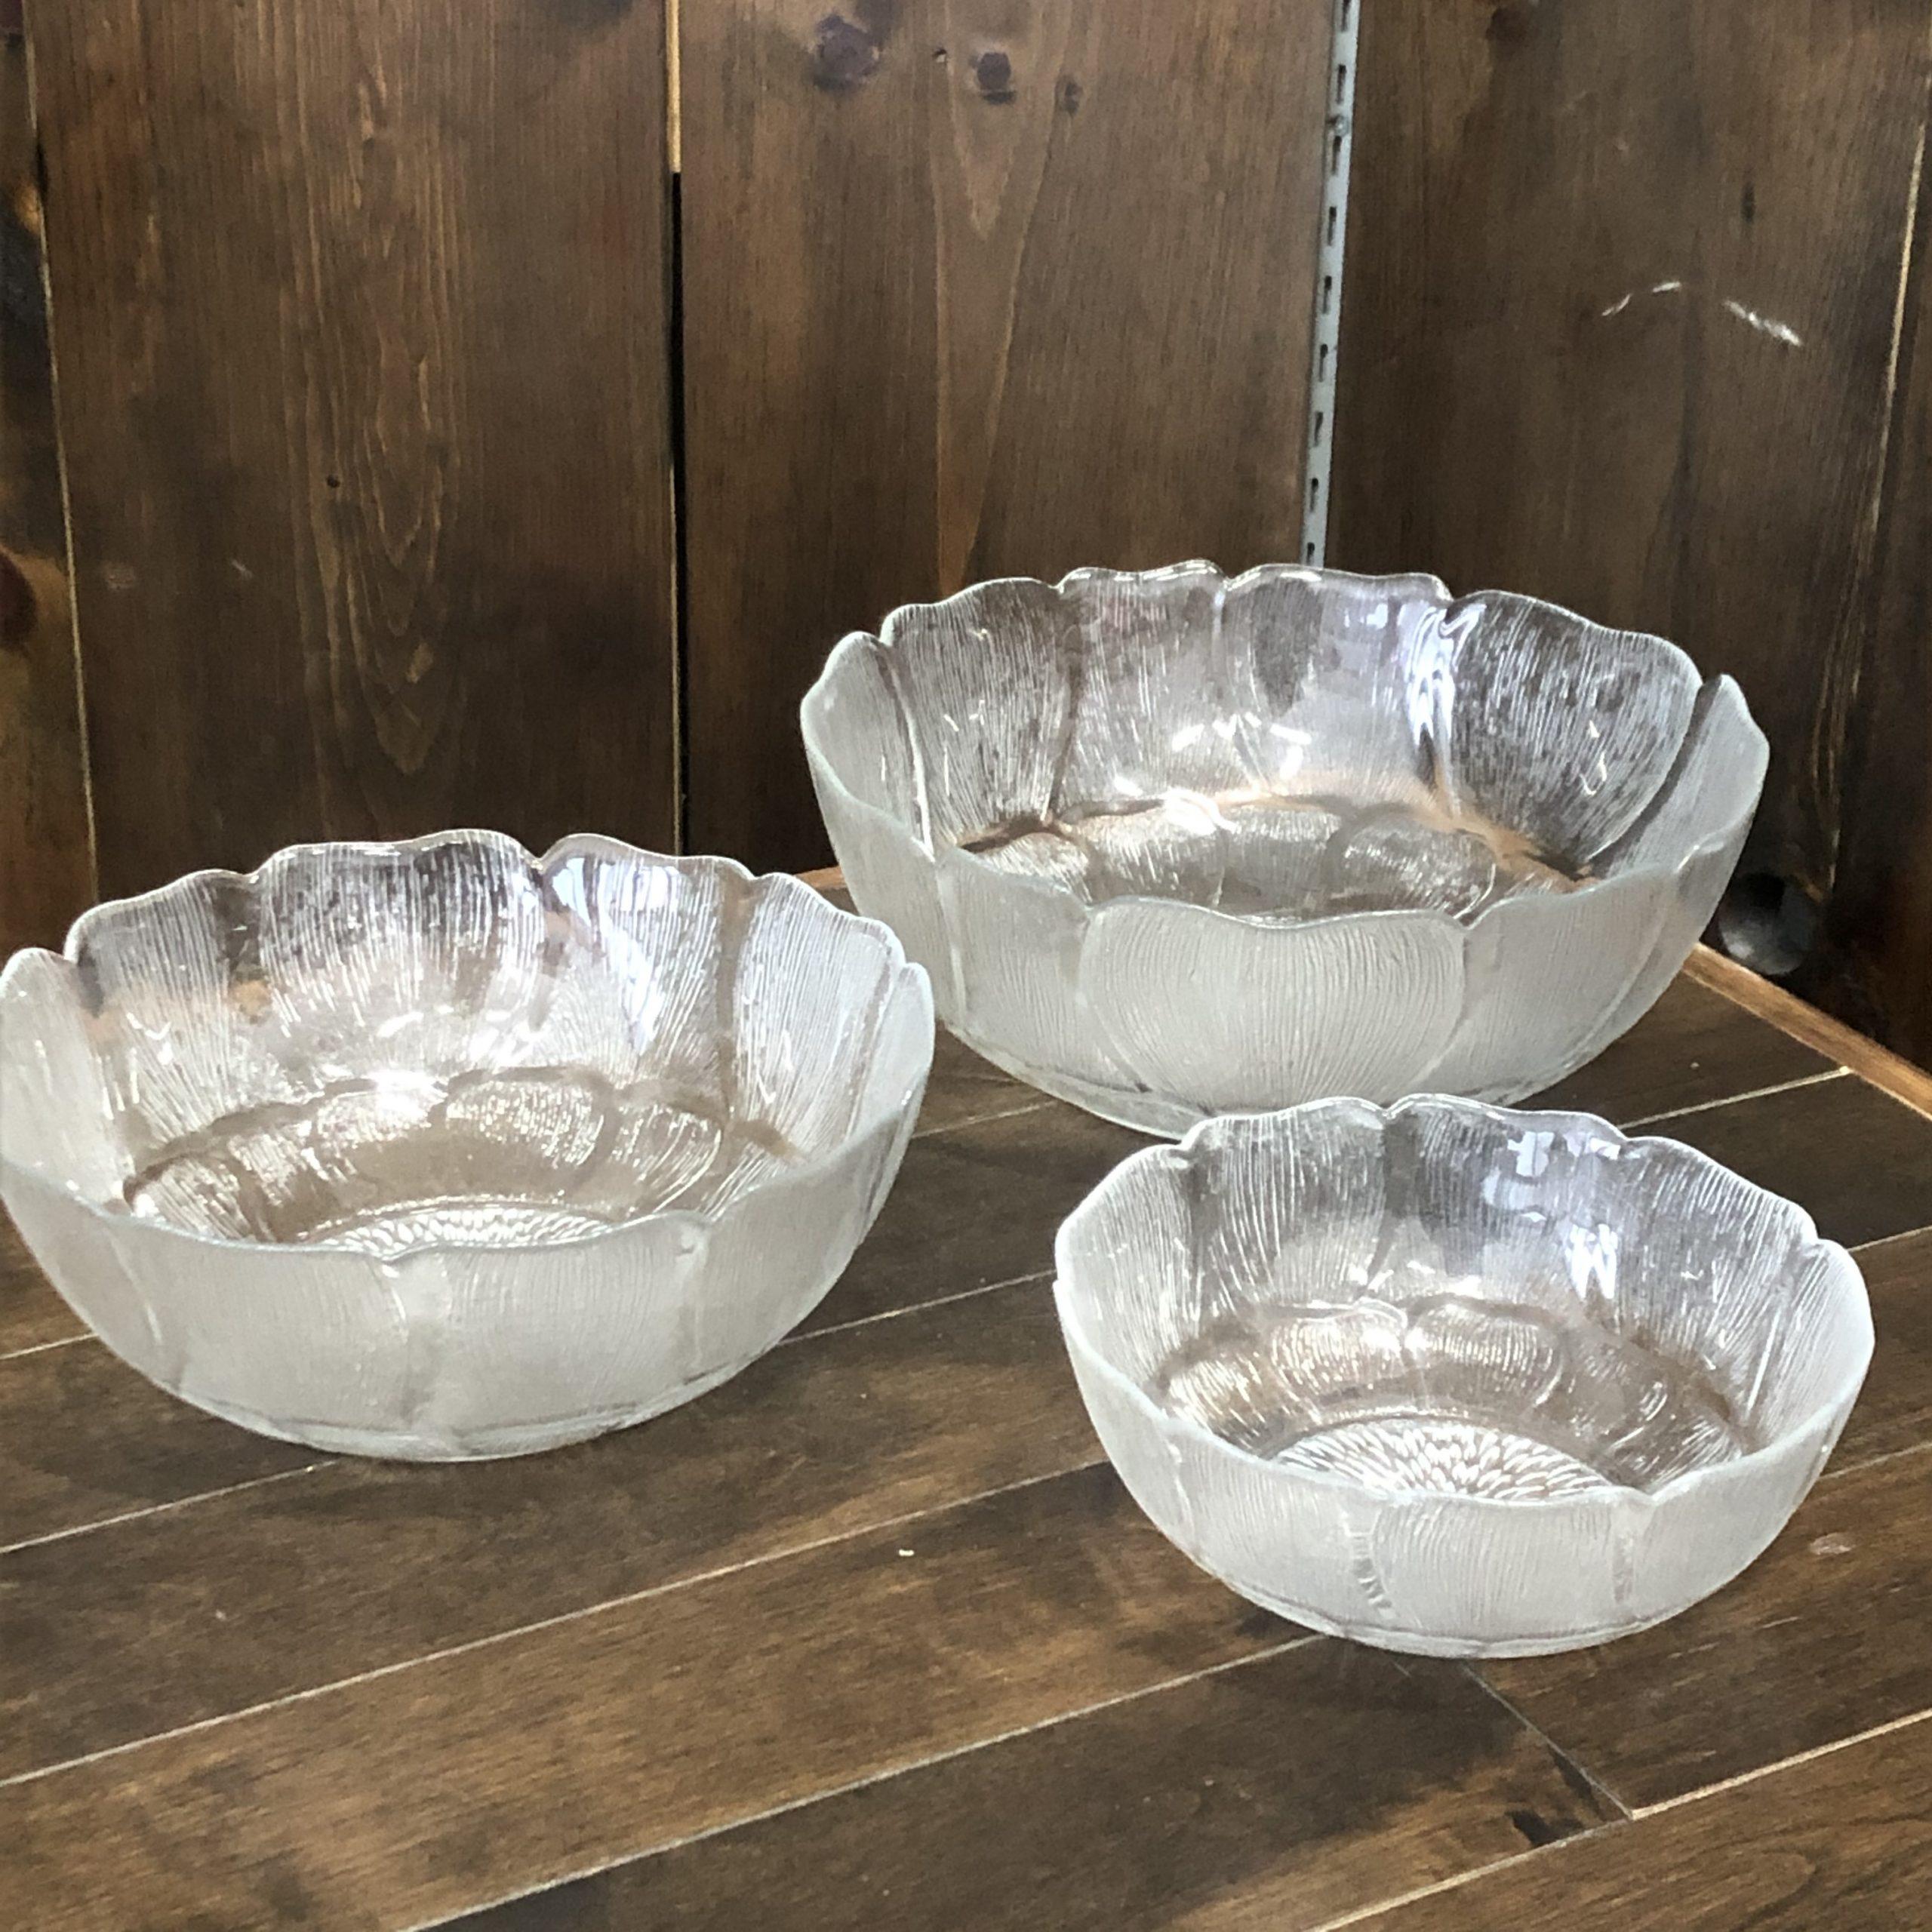 Fleur Glass Serving Bowls Image